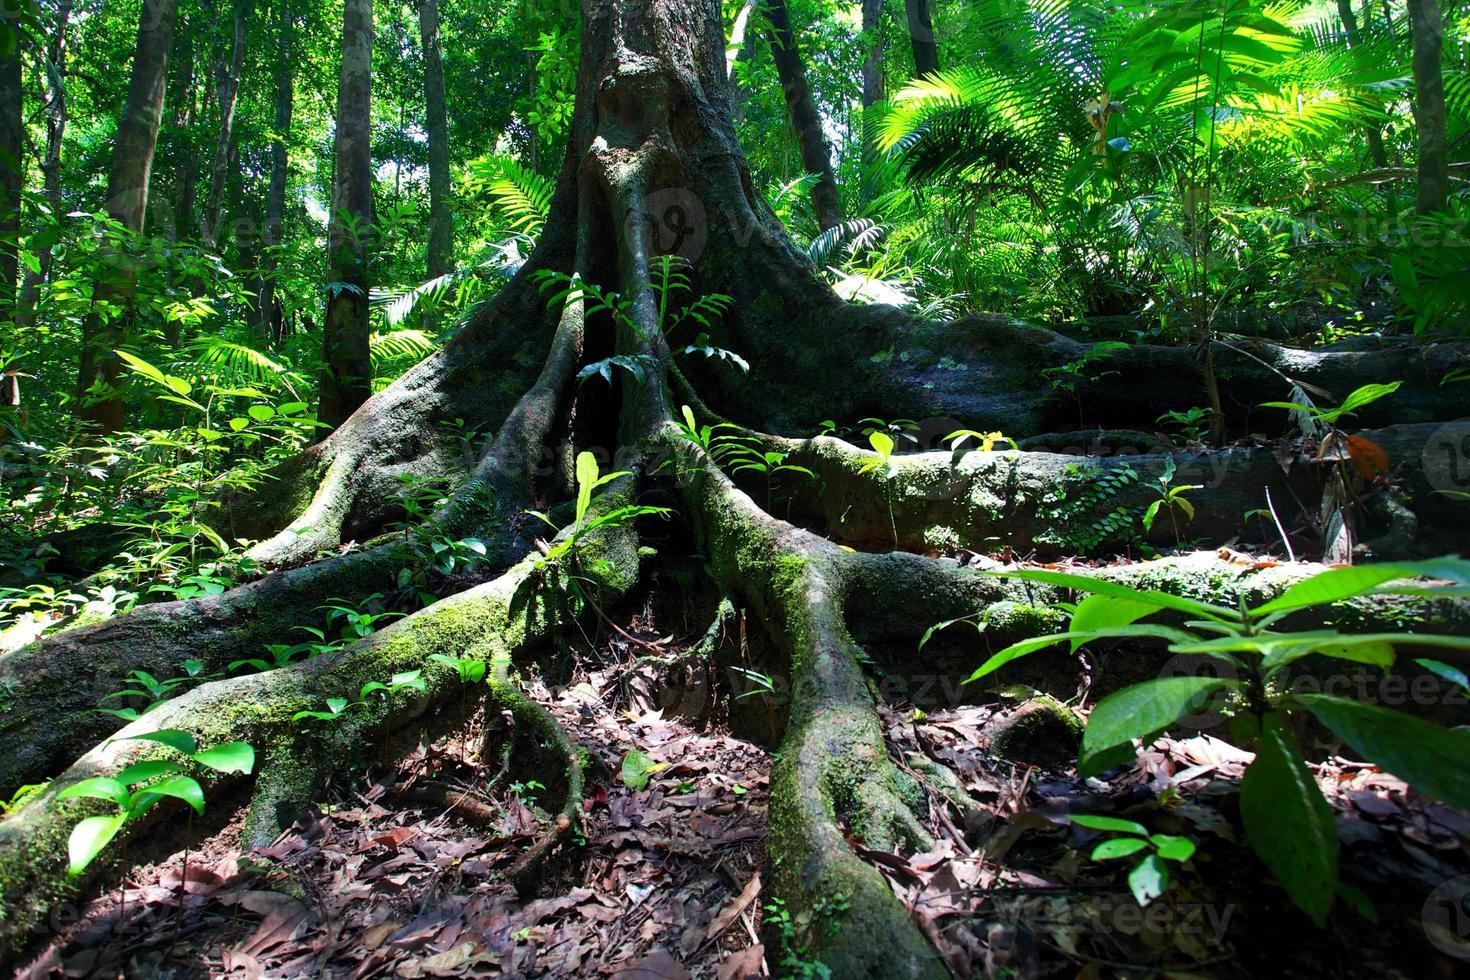 regenwoud boomwortels bij Mossman Gorge foto